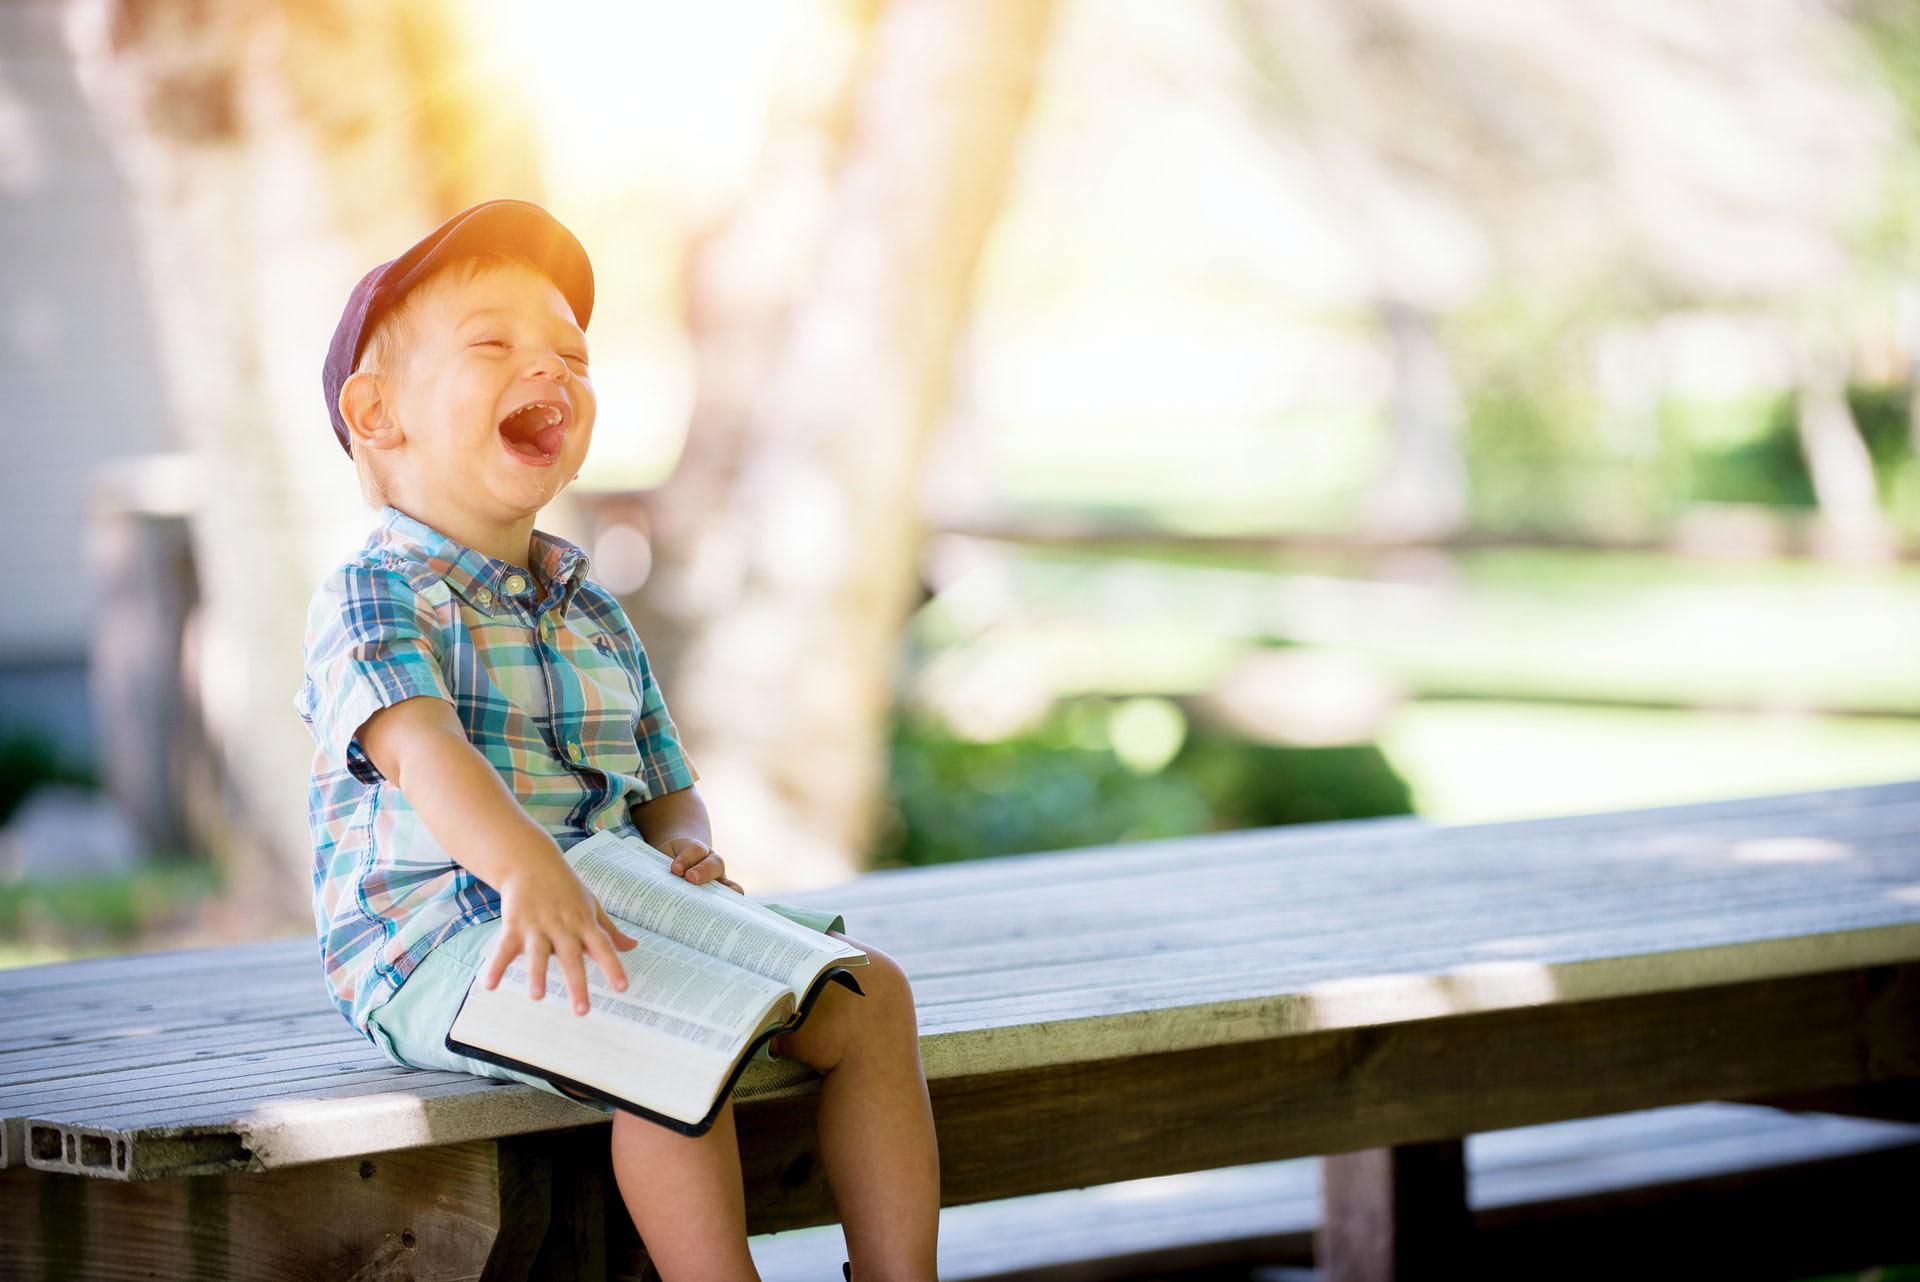 La Neurología en los niños. El papel de la Neuropsiquiatría infantil (PARTE I)